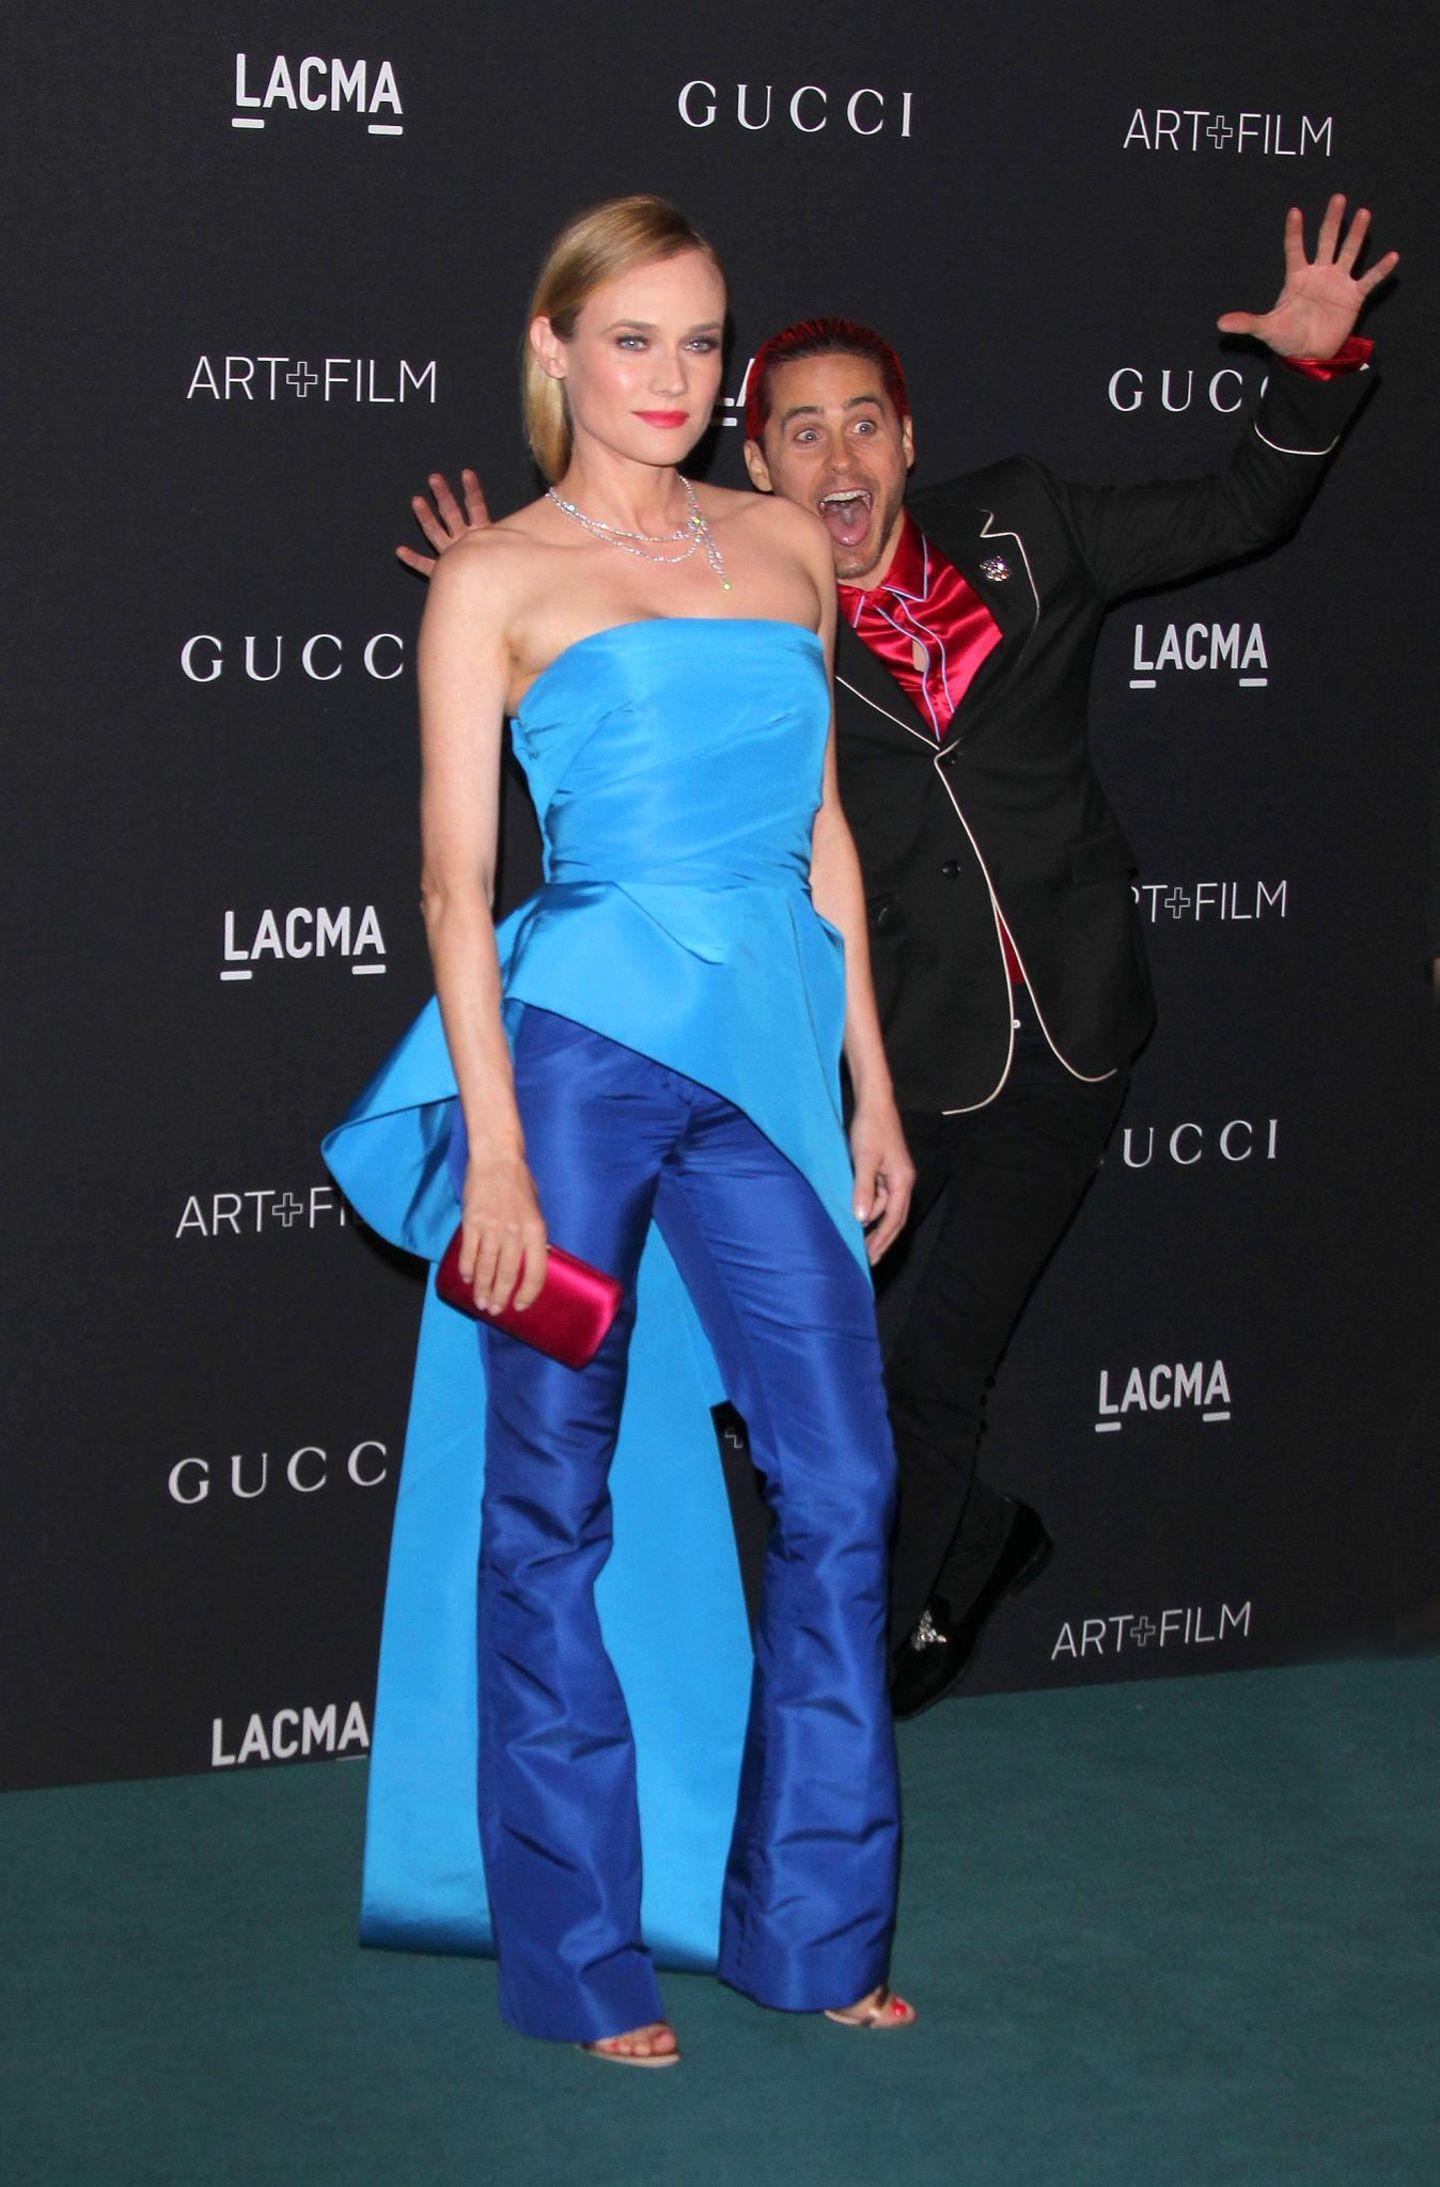 """Jared Leto kann's nicht lassen. Während Diane Kruger bei der """"LACMA Art+Film""""-Gala für die Fotografen posiert, springt der Schauspieler ins Bild. Das ergibt natürlich ein viel lustigeres Motiv."""